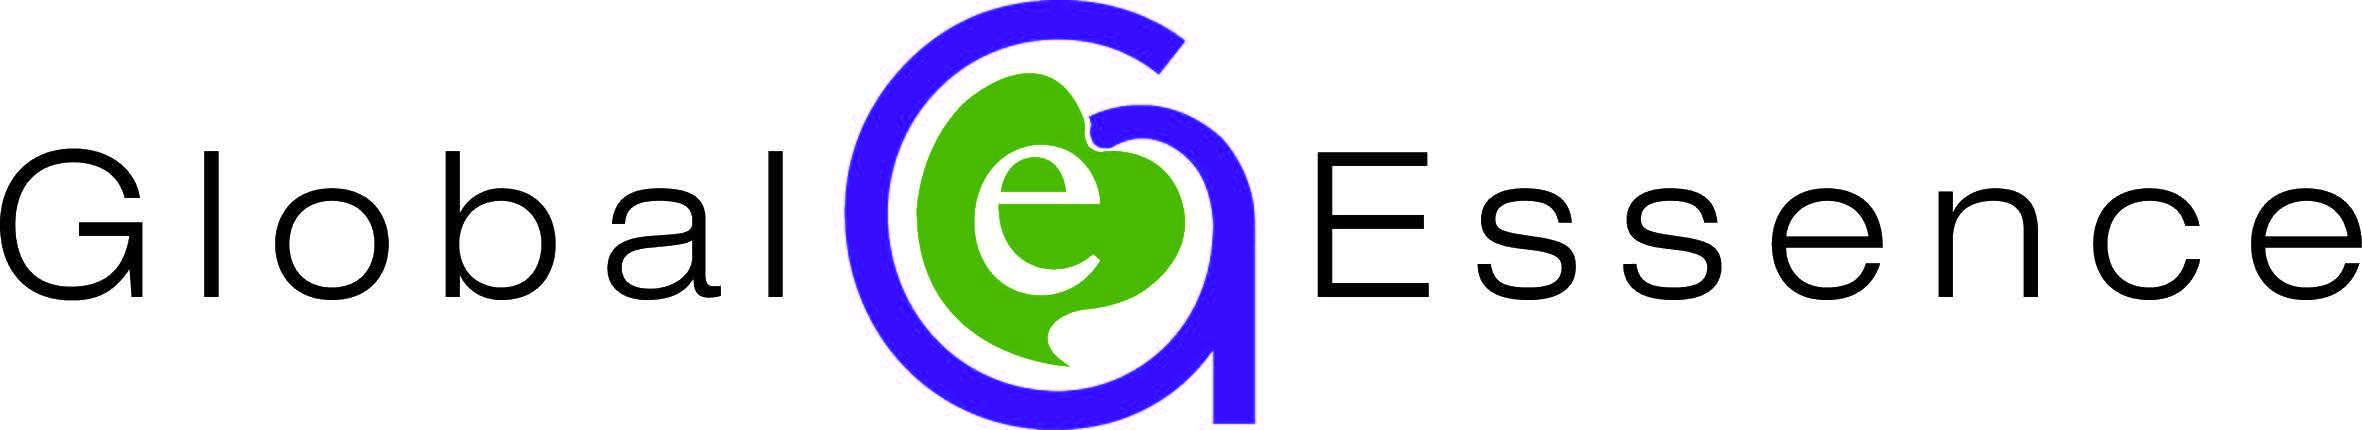 Global Essence - sponsoring BevNET Live Winter 2016